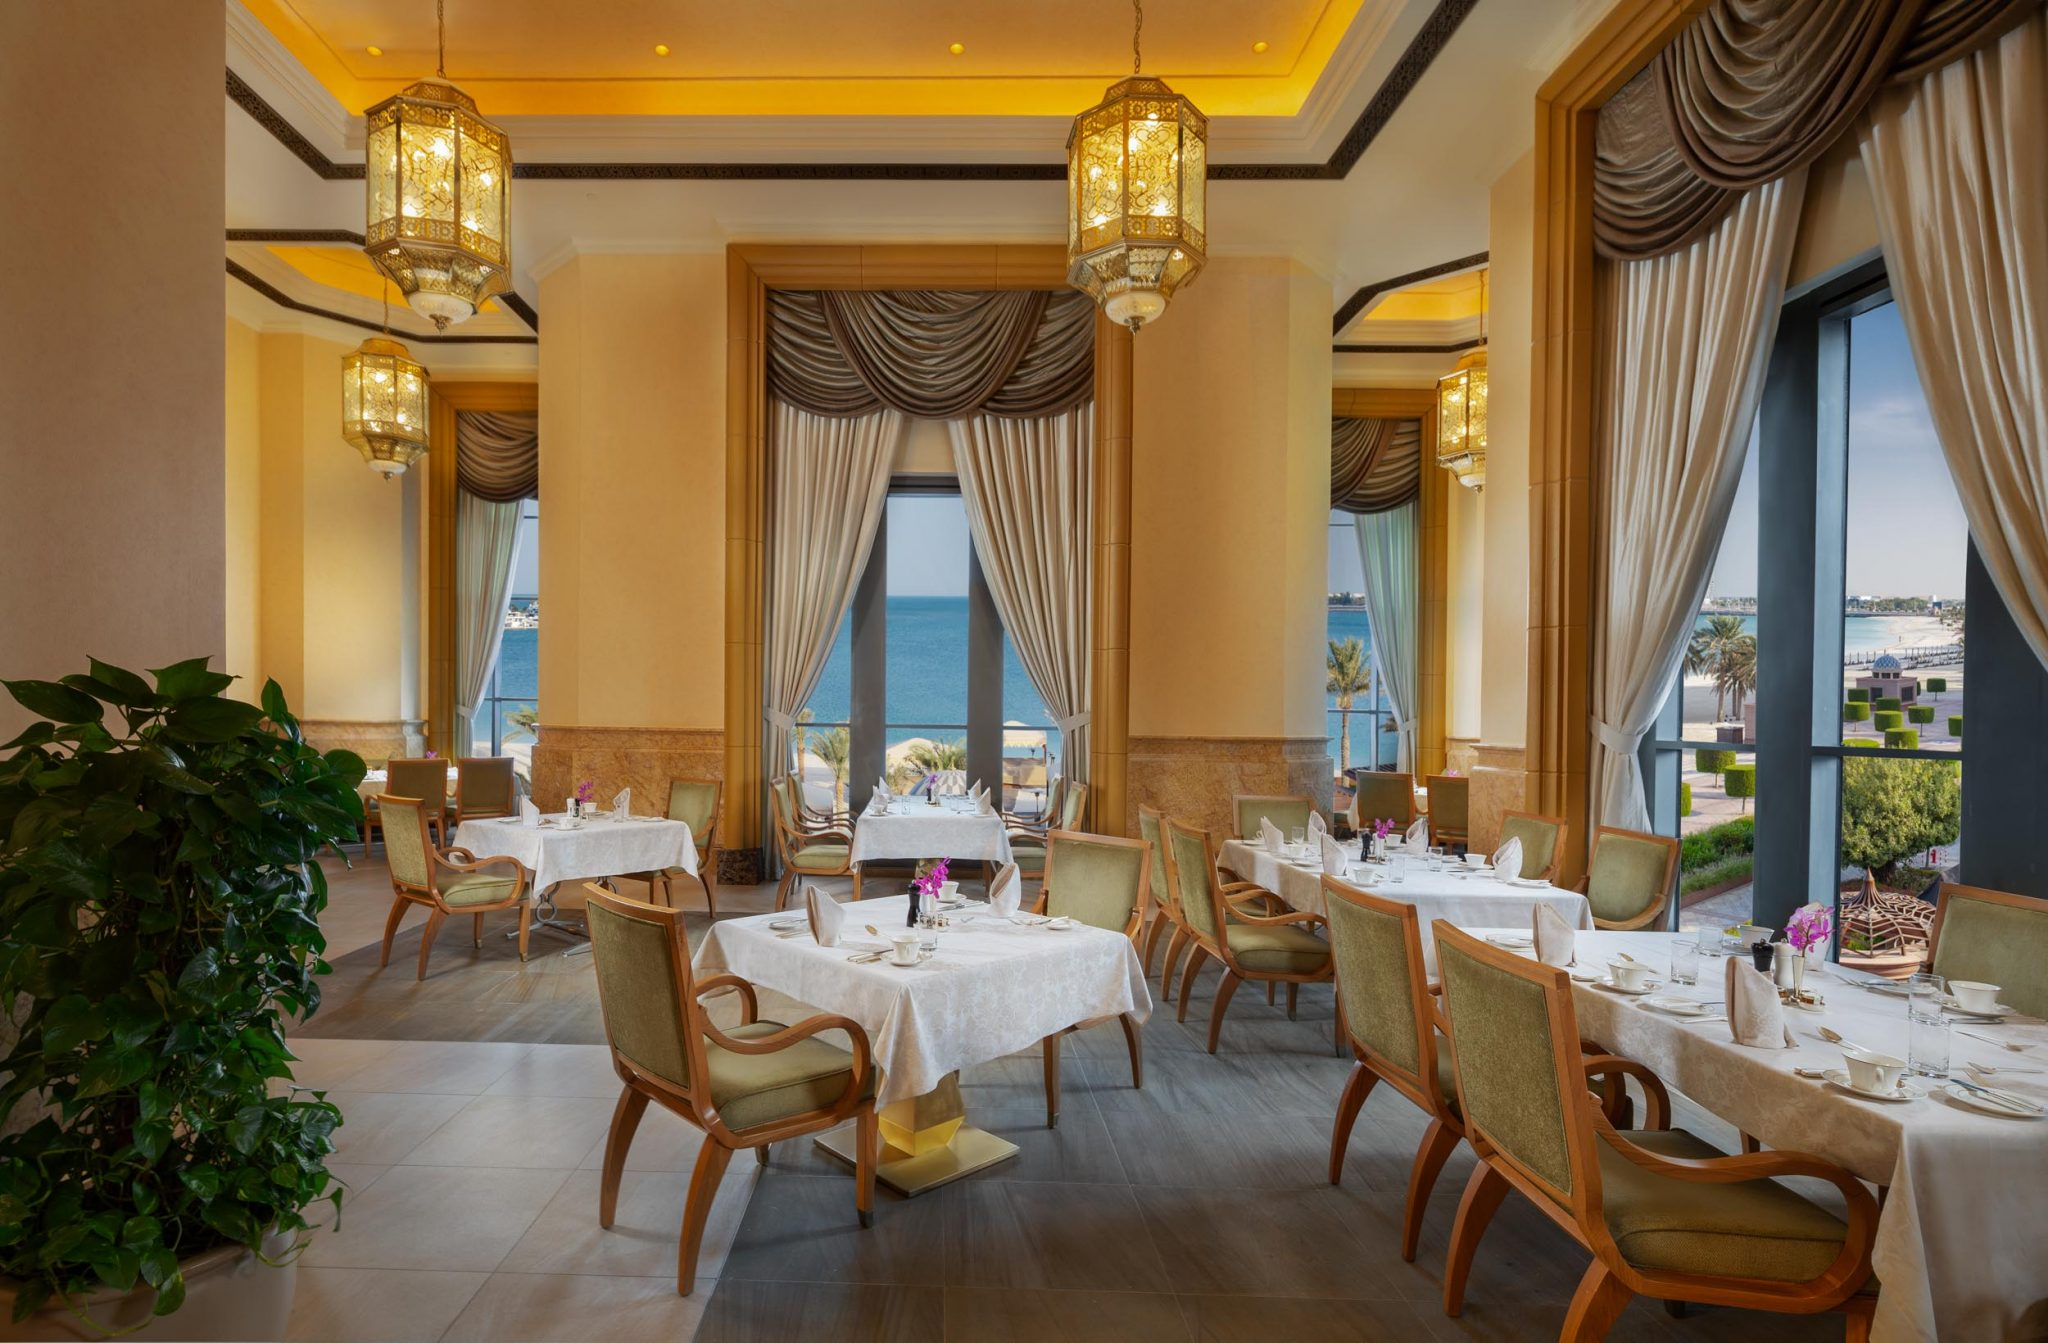 نظرة على مطعم لو فاندوم لابراسيري بفندق قصر الإمارات